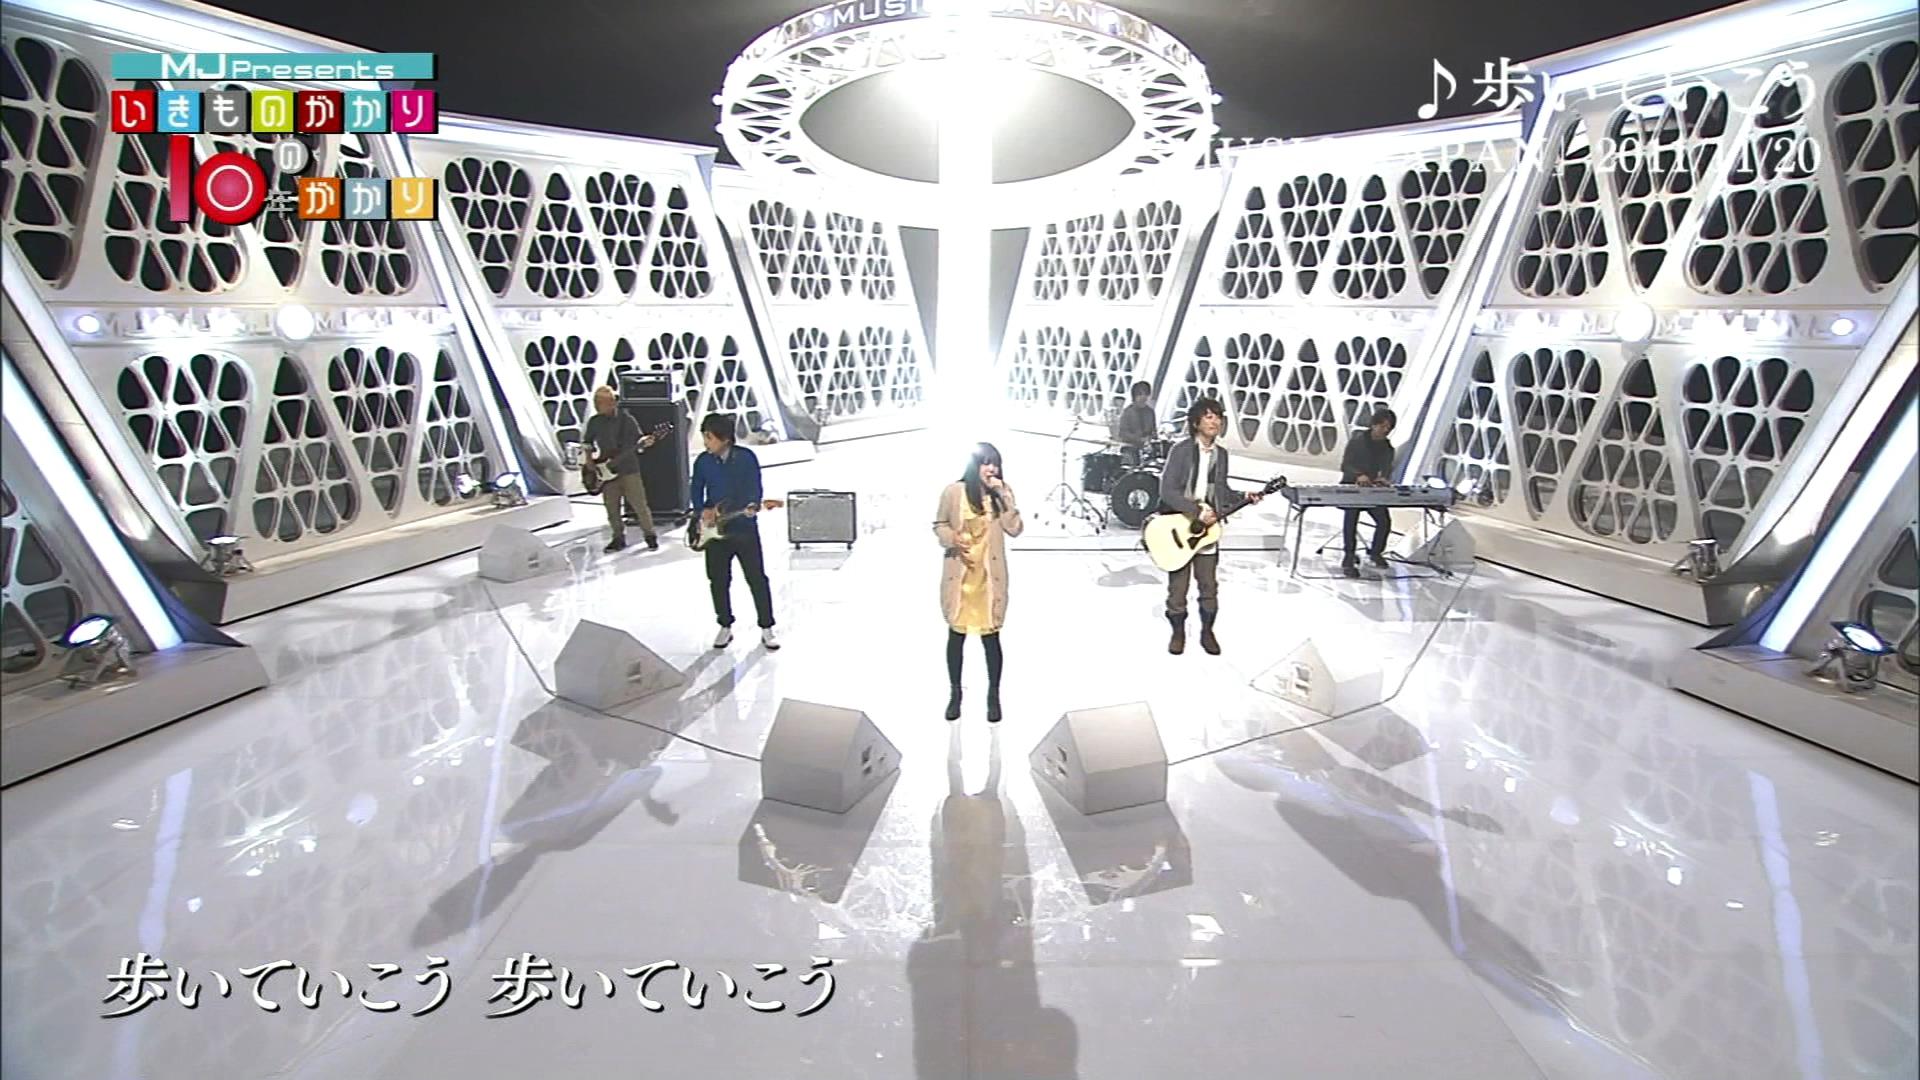 2016.03.20 いきものがかり - いきものがかりの10年がかり(MJ Presents).ts_20160321_035440.960